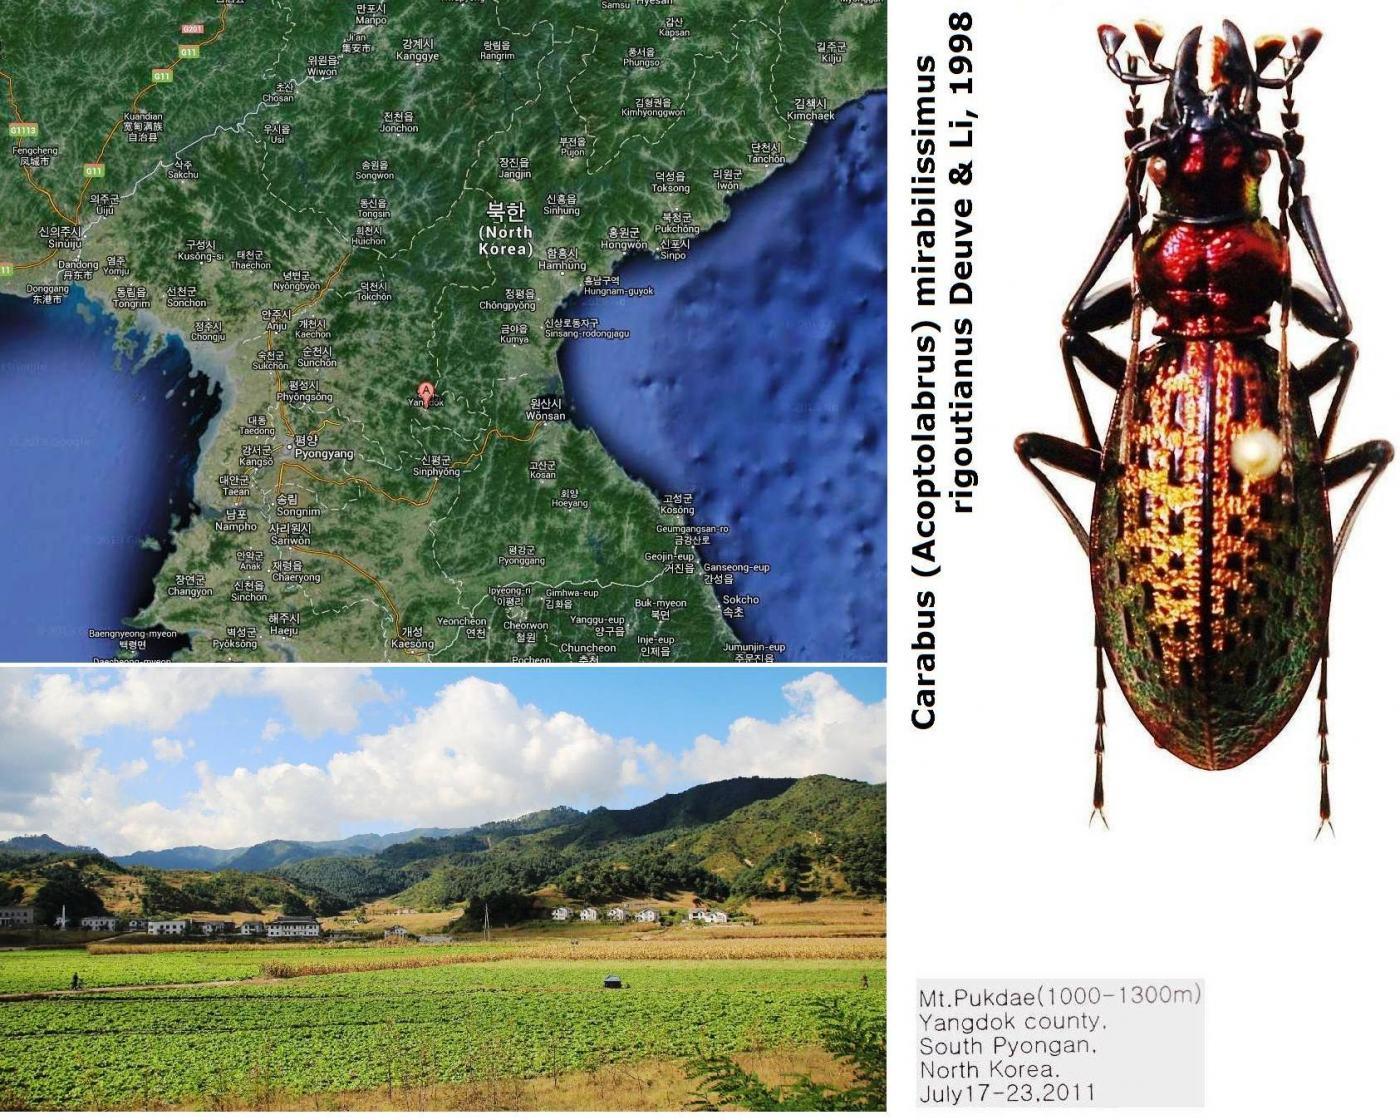 картинка: Carabus__Acoptolabrus___mirabilissimus_rigoutianus_Deuve___Li__1998.jpg